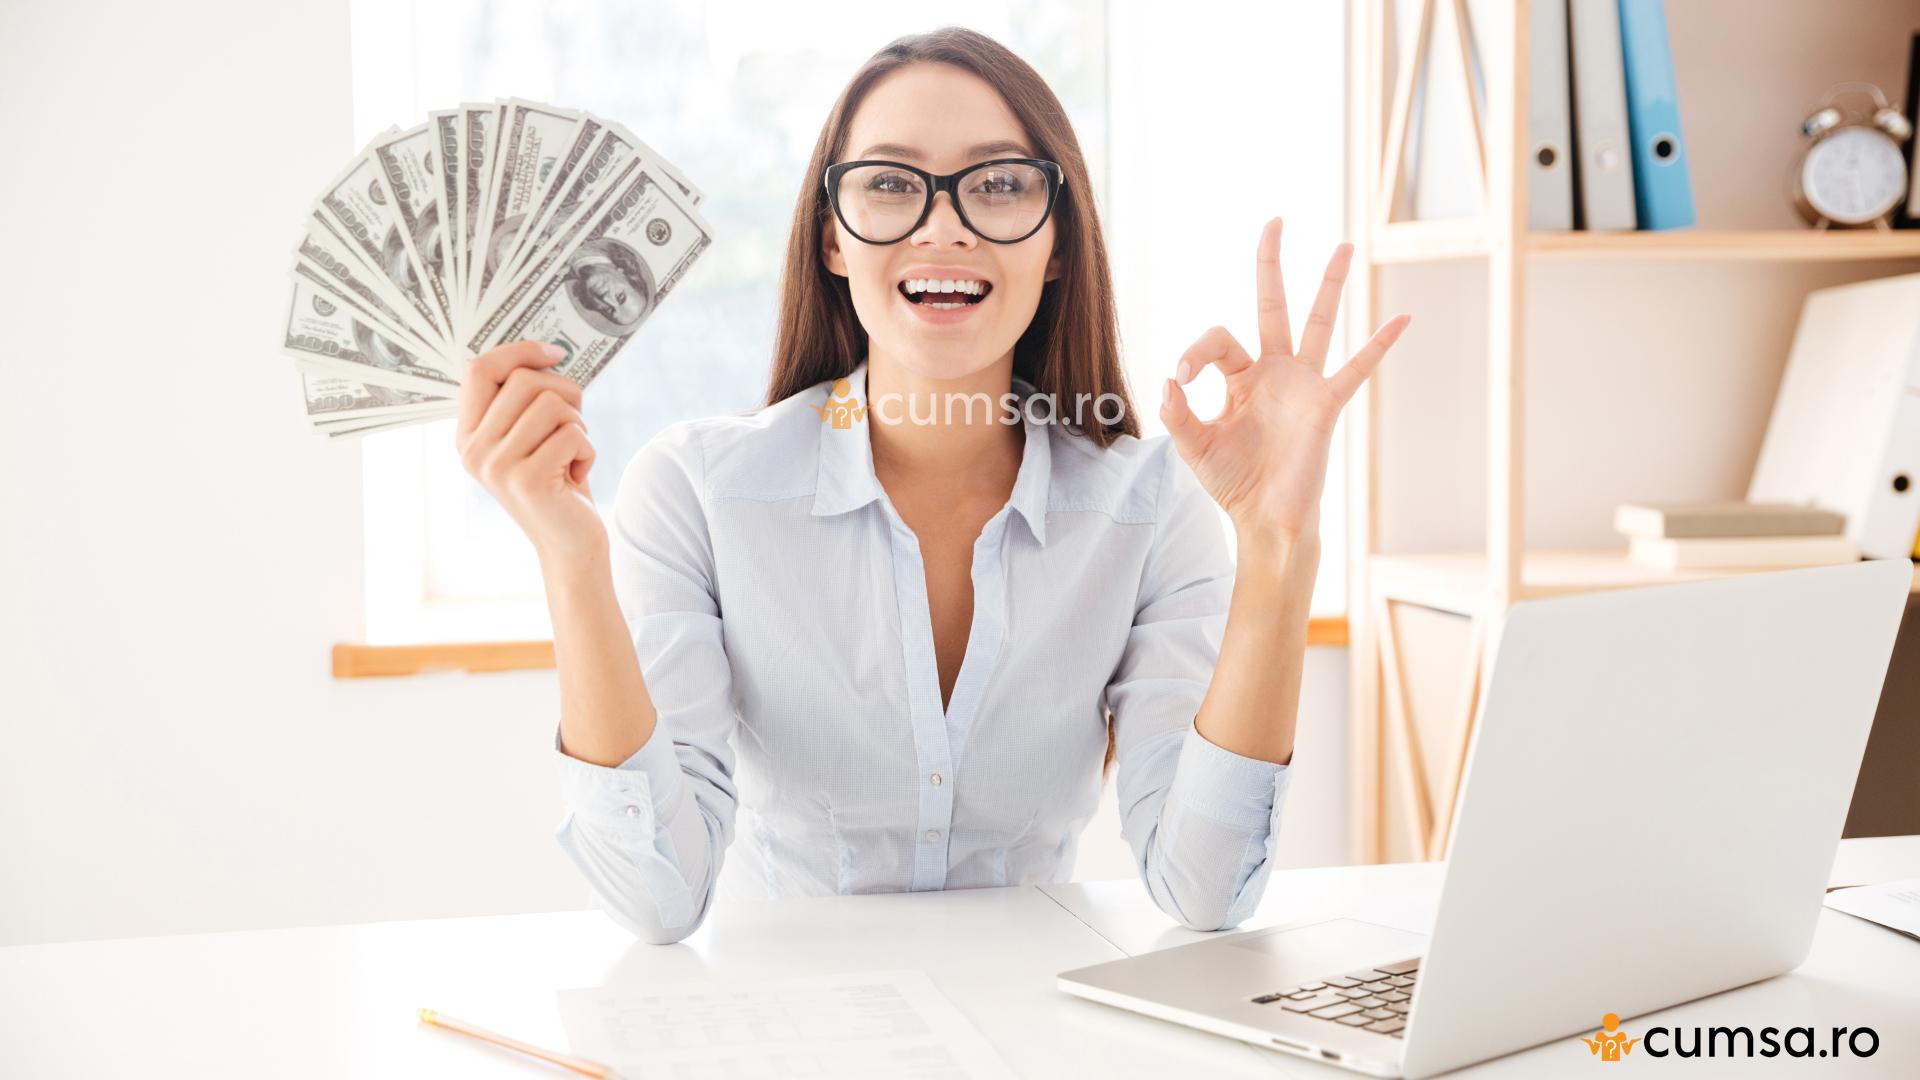 cum să faci bani pe internet în dolari